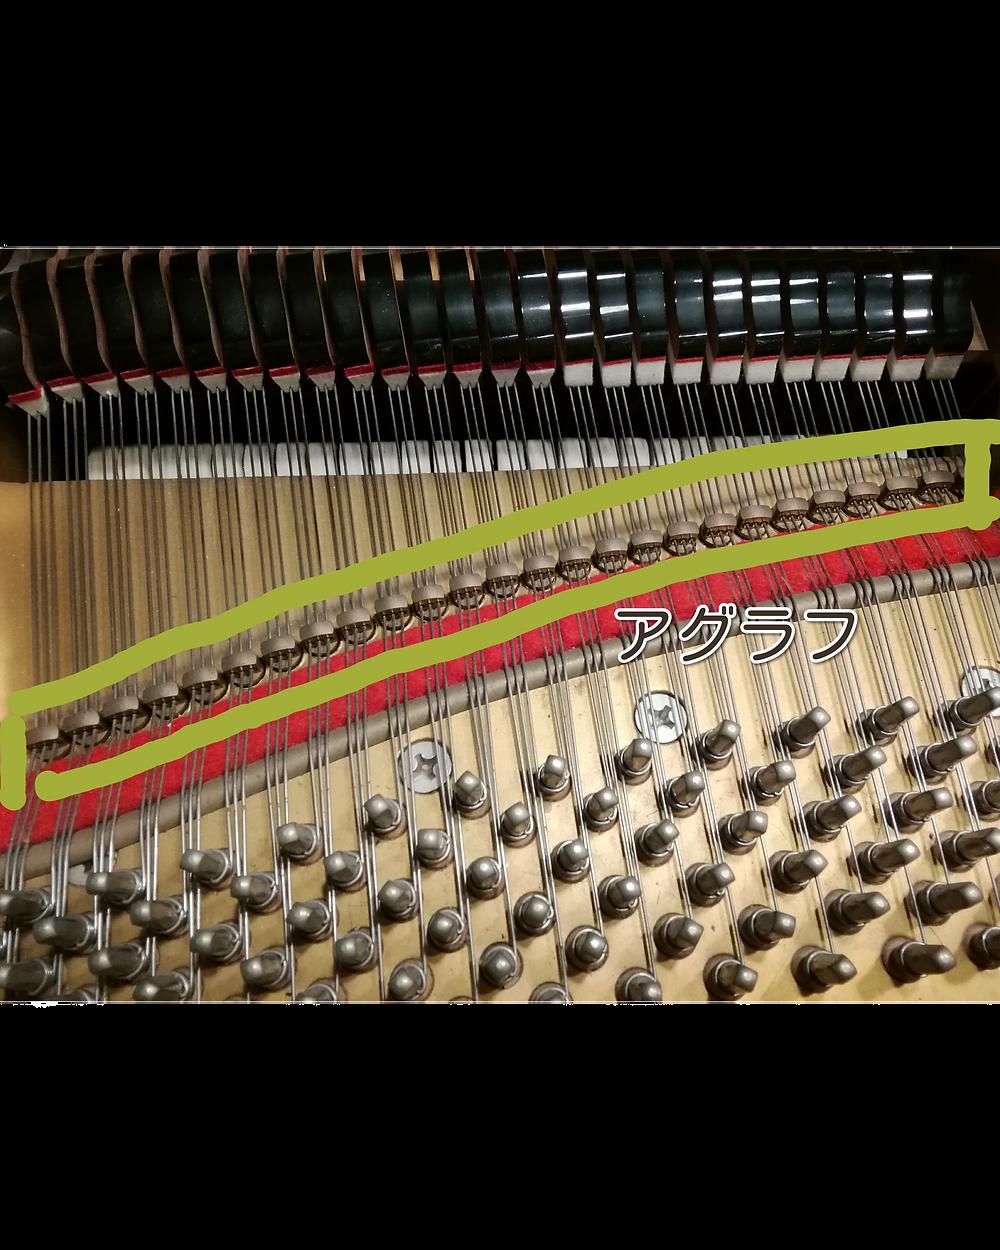 ピアノの構造